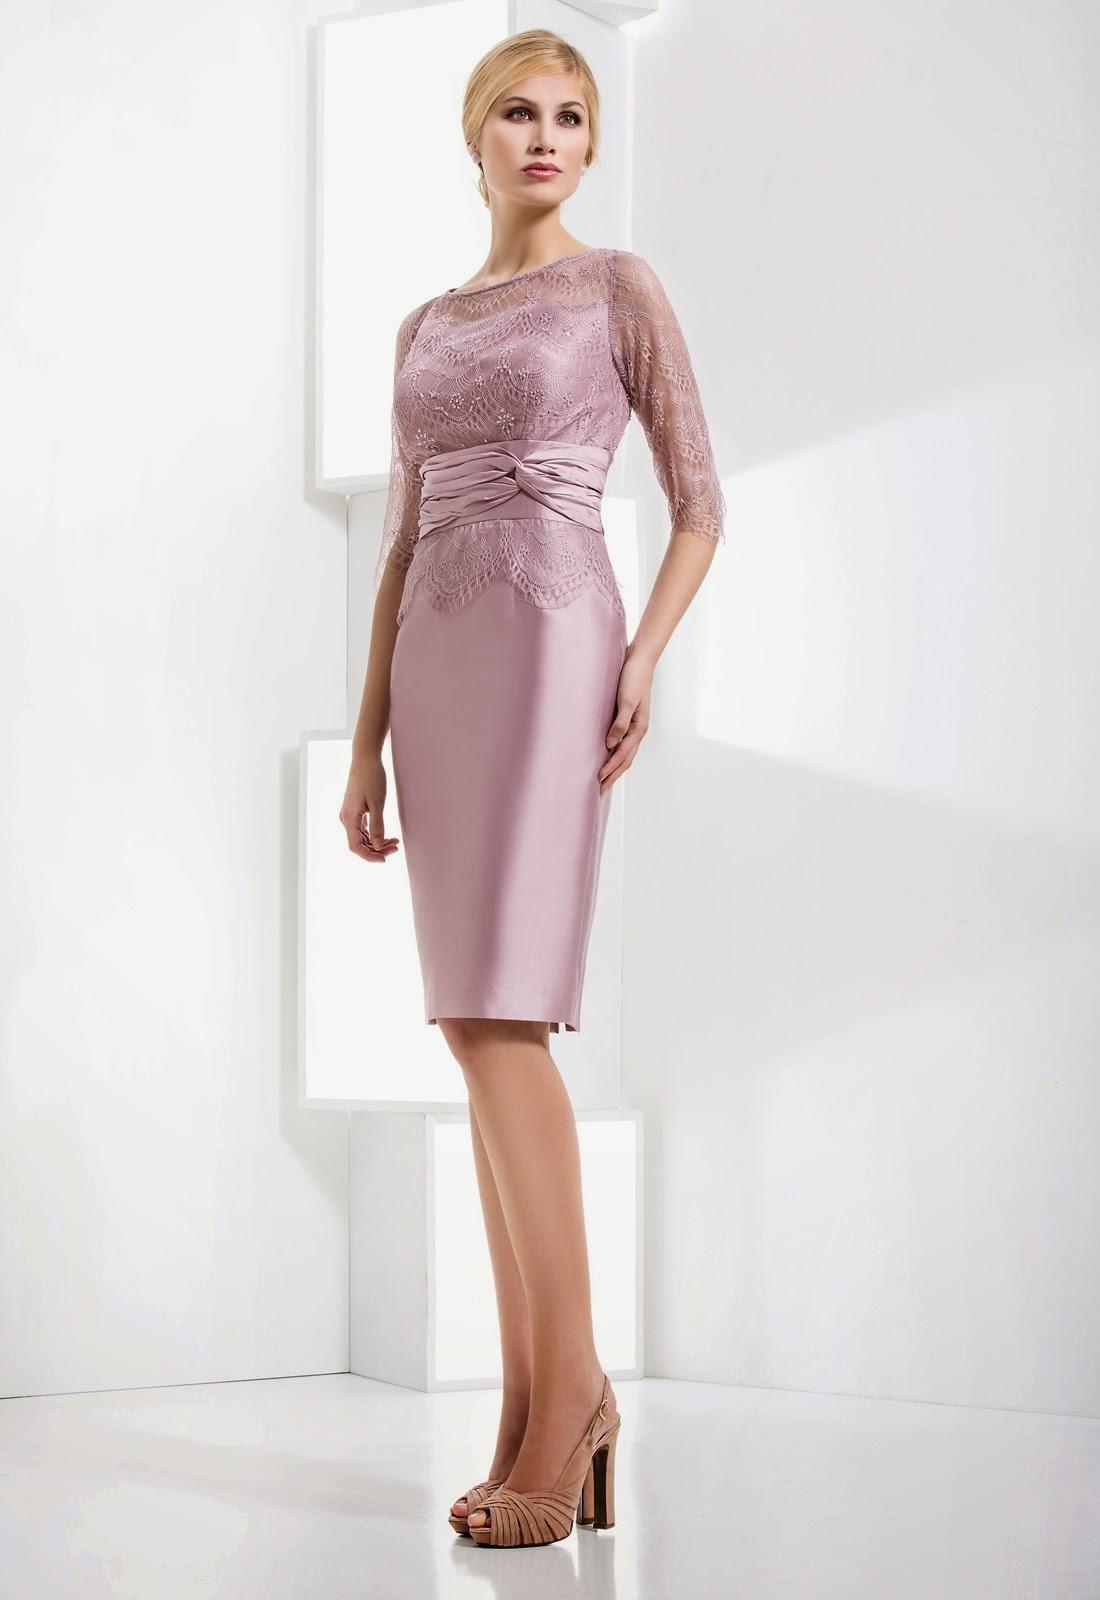 20 Schön Kurze Abendkleider Für Hochzeit Galerie15 Fantastisch Kurze Abendkleider Für Hochzeit Design